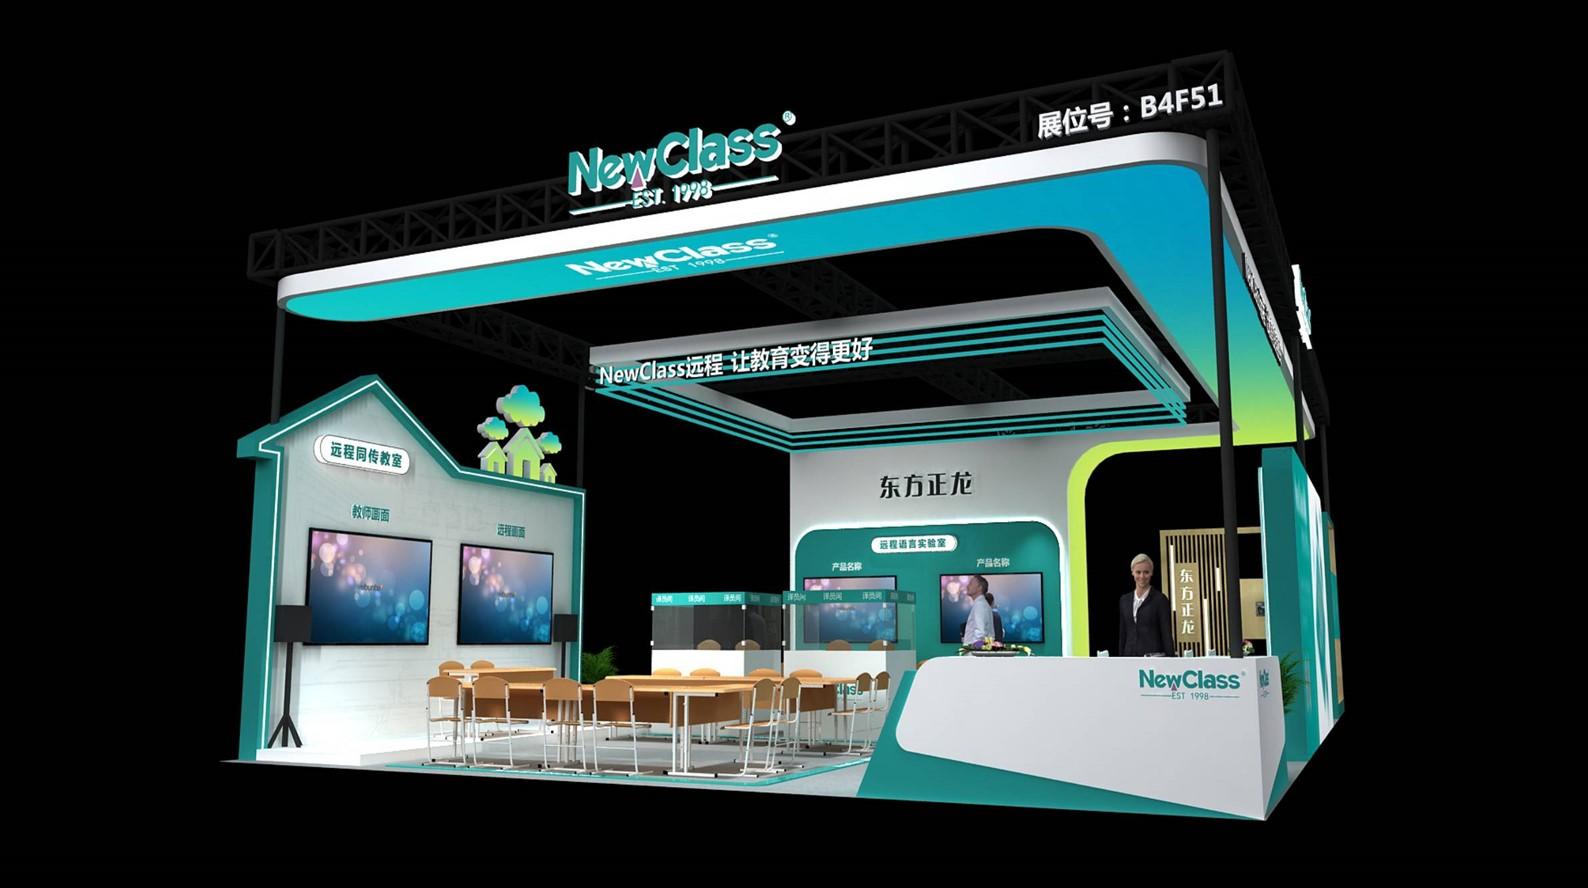 青岛高博会倒计时9天,NewClass展览抢先看